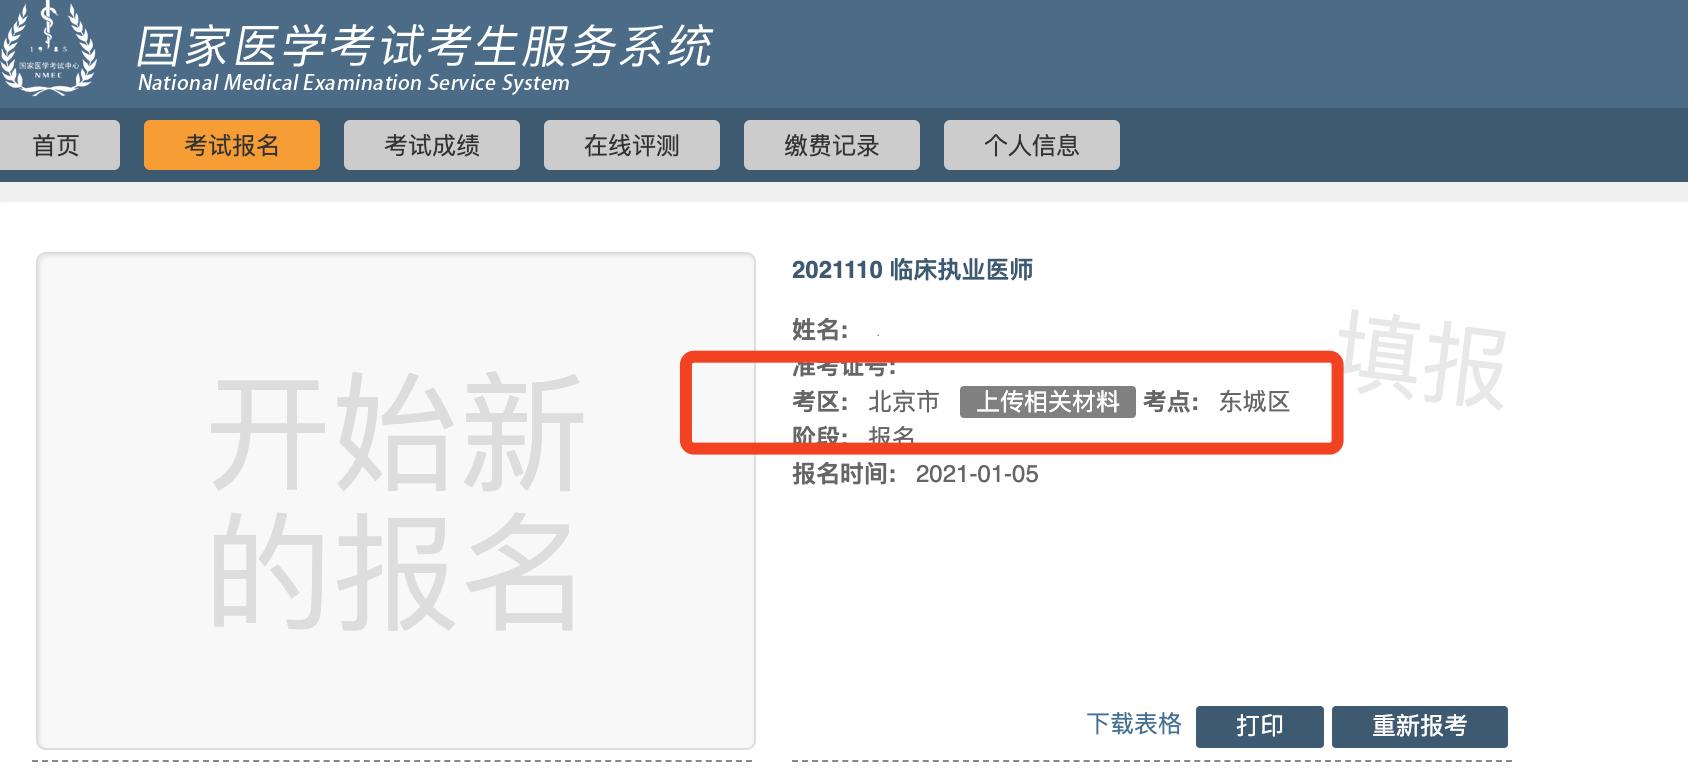 多地网上上传报名材料!中西医执业医师报名入口即将关闭!